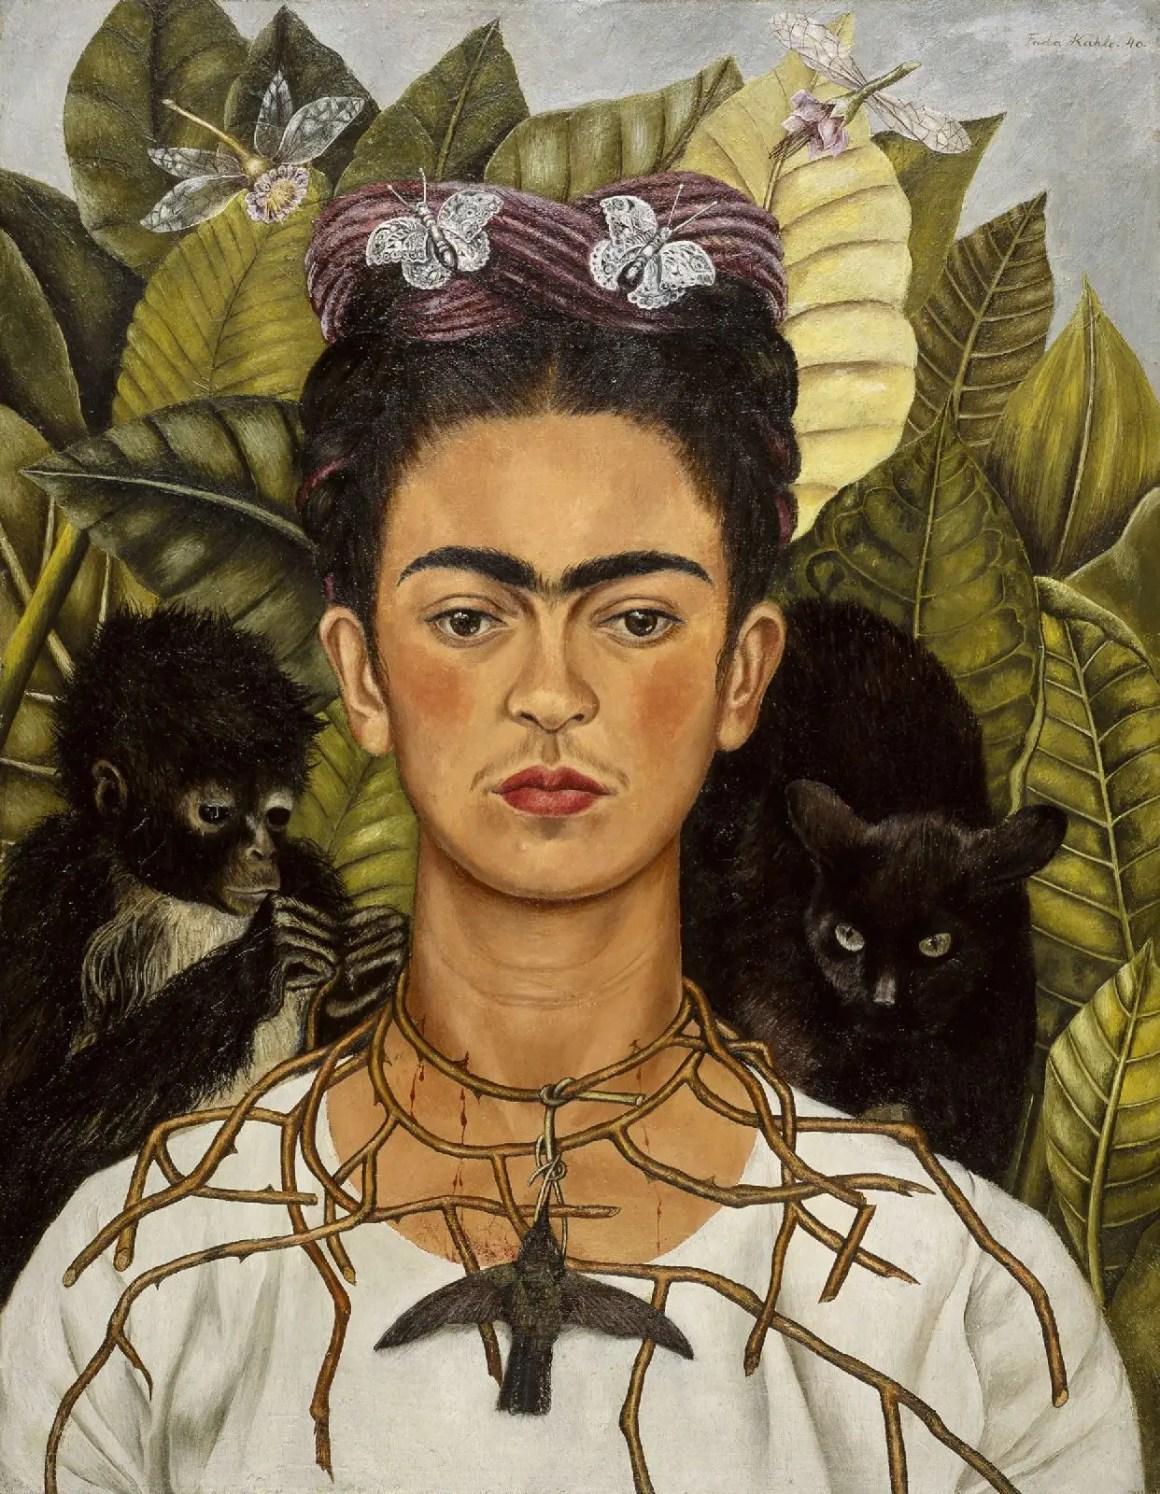 L'autoportrait de Frida Kahlo avec Thorn Necklace and Hummingbird au Harry Ransom Center à Austin, au Texas.